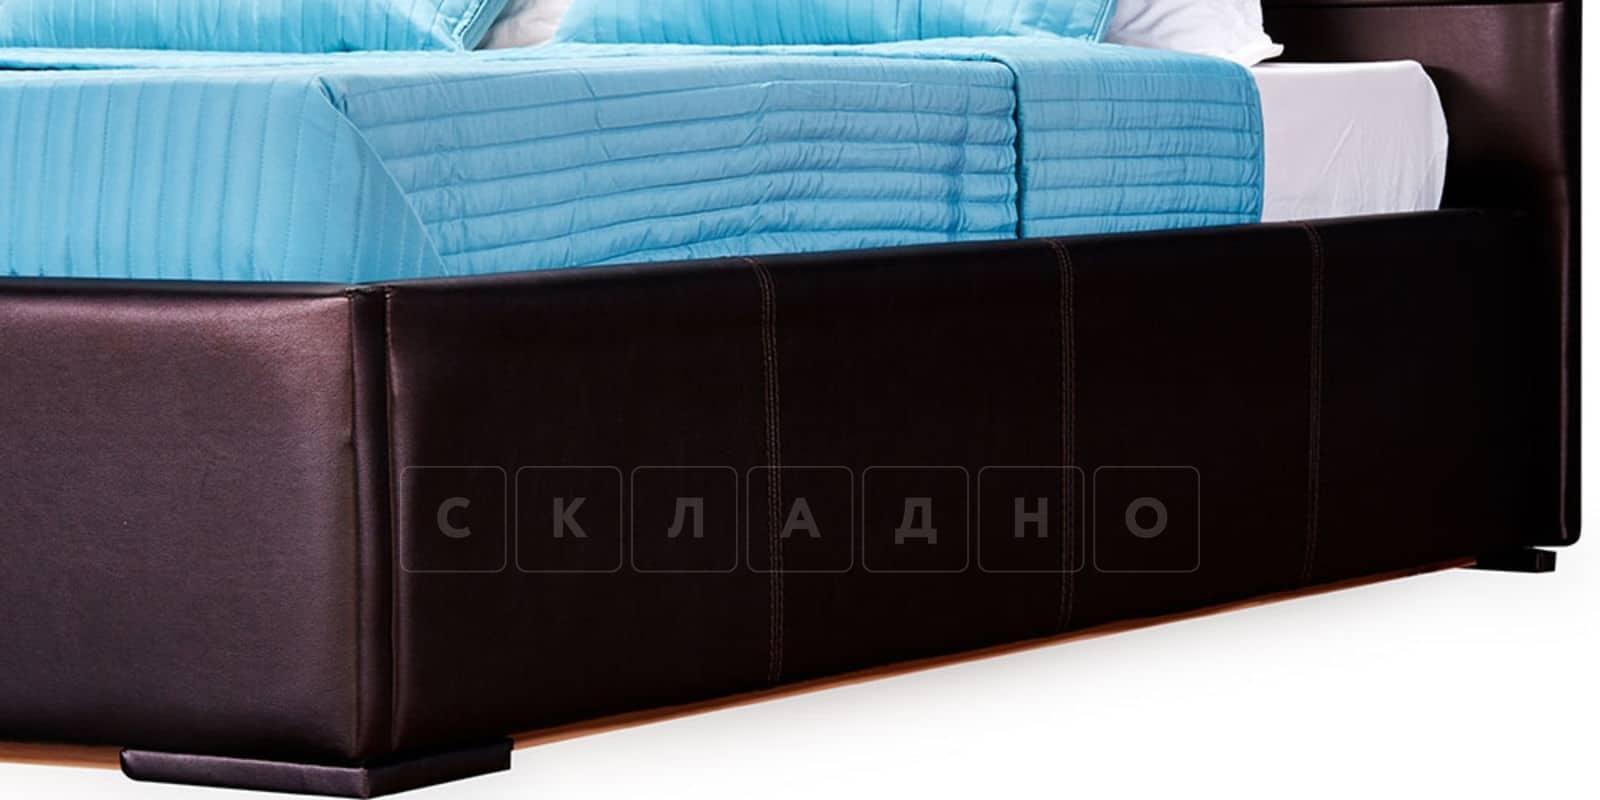 Мягкая кровать Лайф 160см шоколад без подъемного механизма фото 6 | интернет-магазин Складно